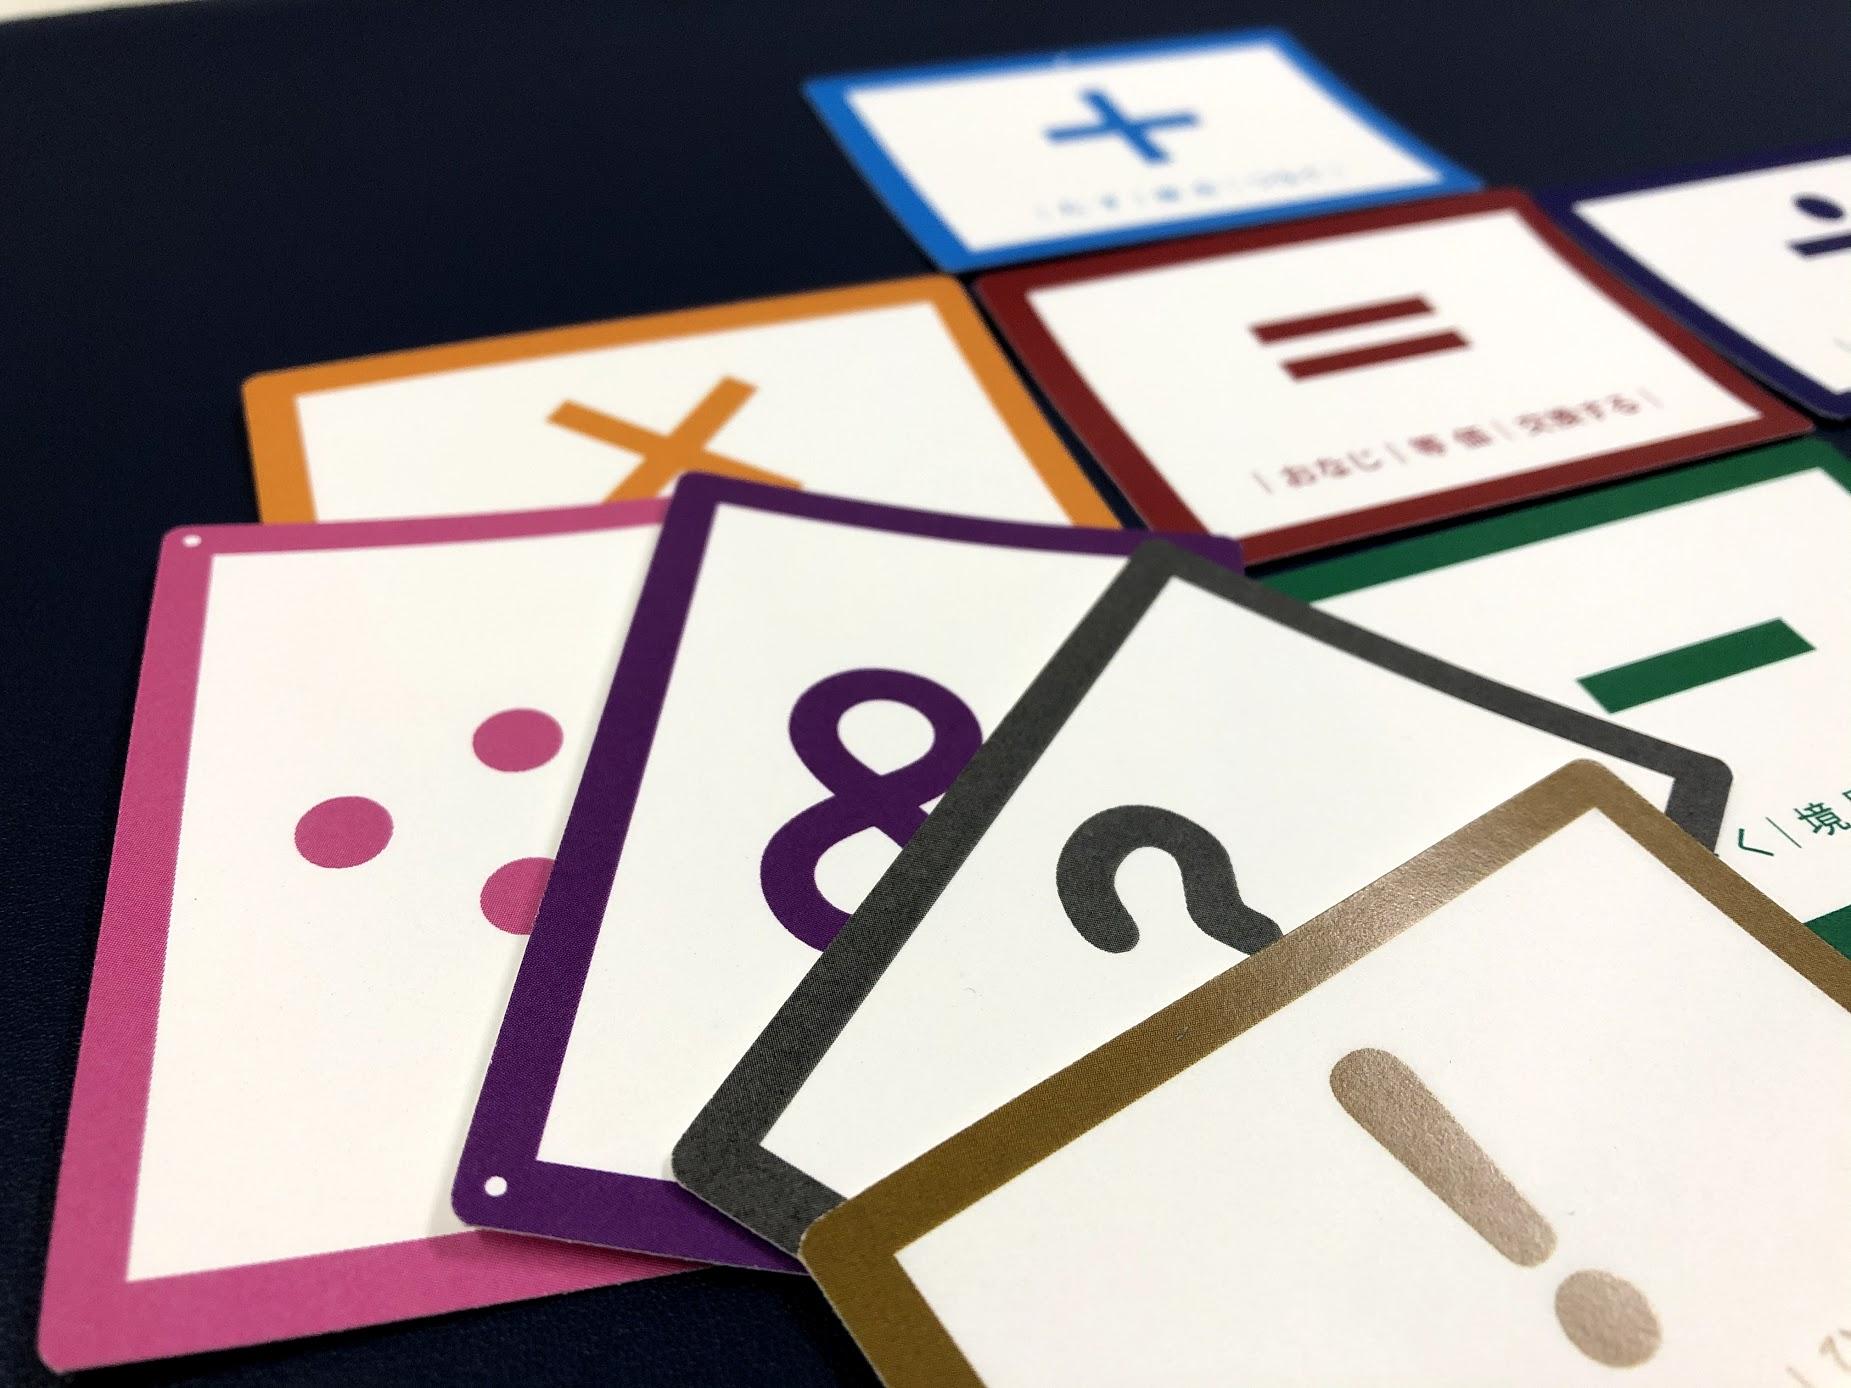 CMGひらめき四則カード:画像